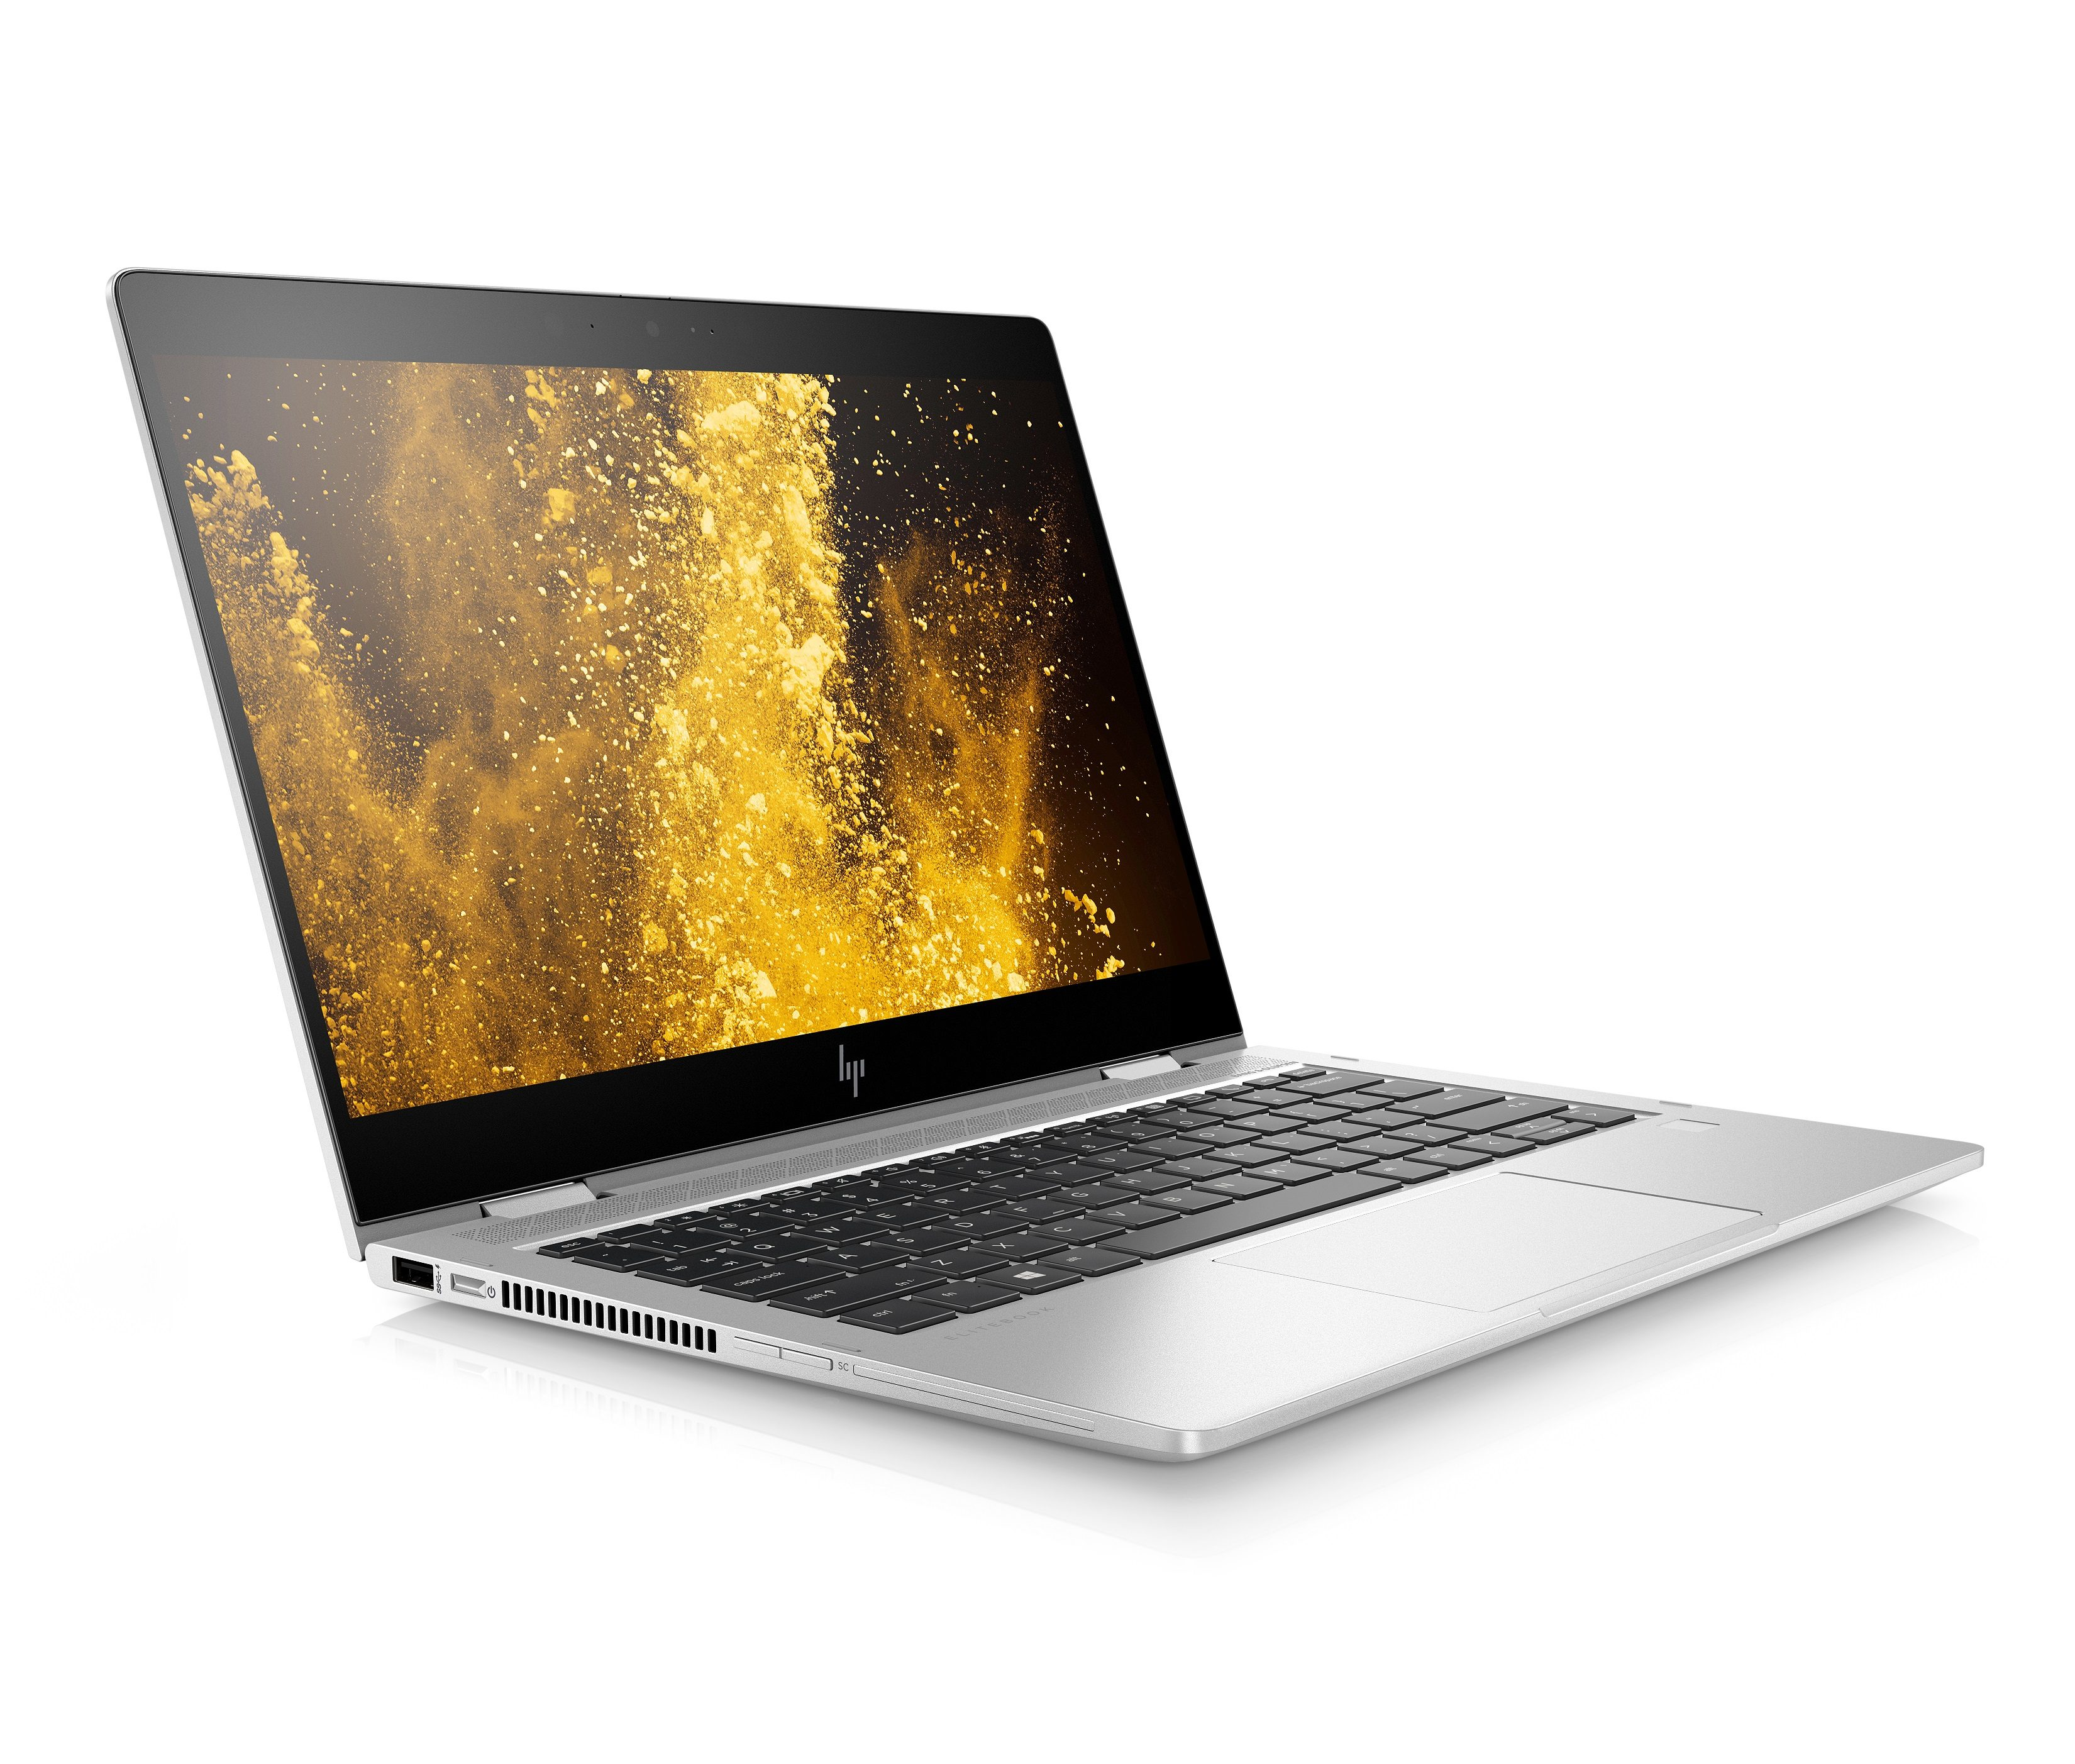 HP-Elitebook-x360-830-G6